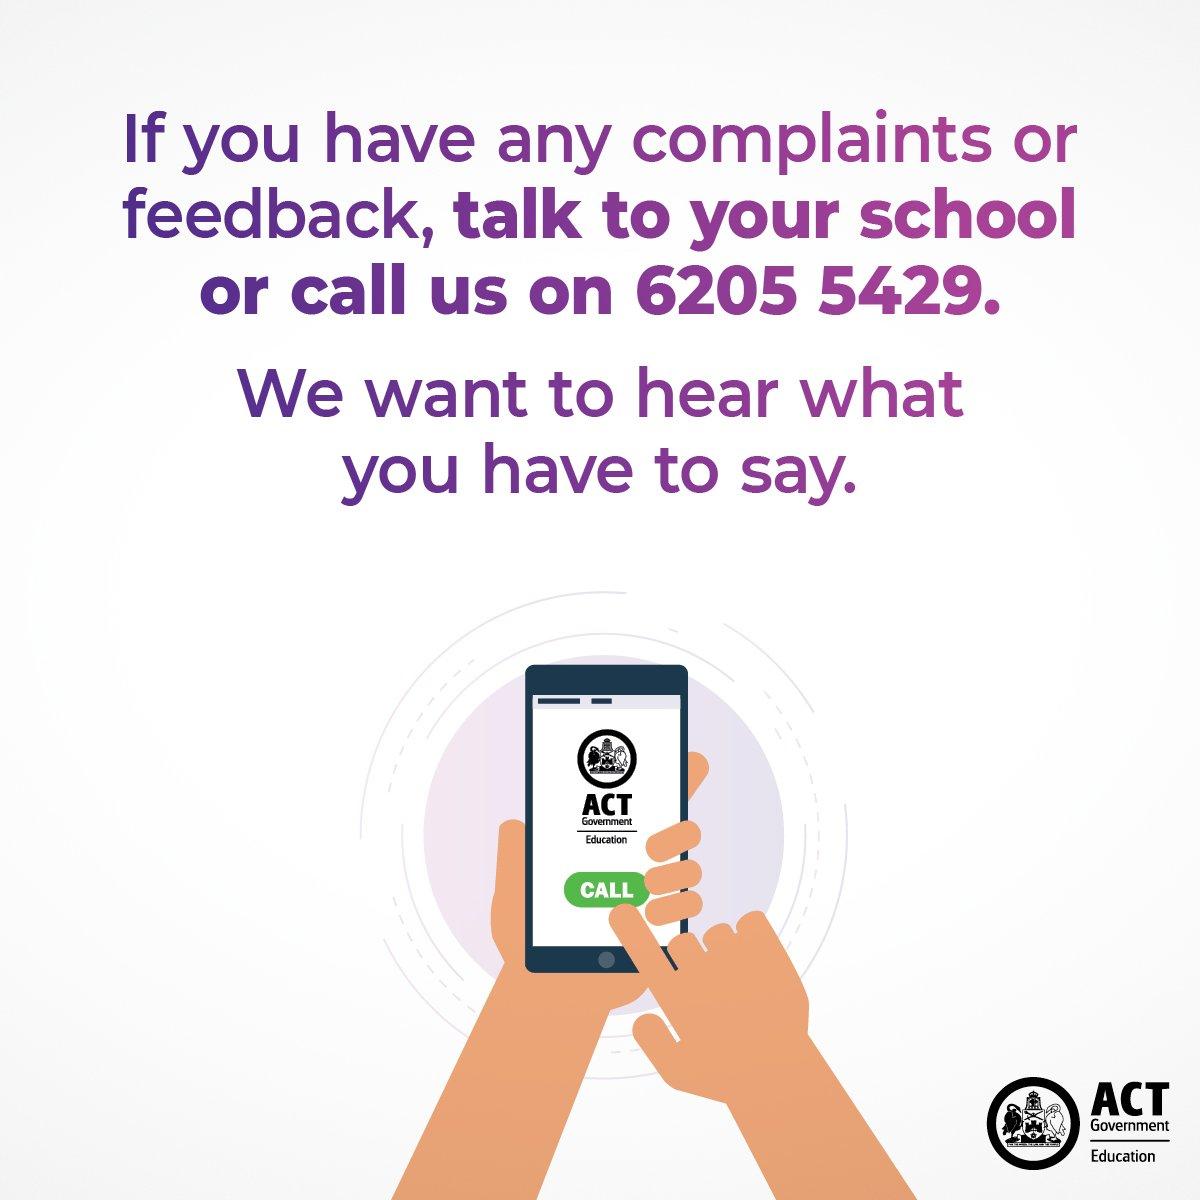 ACT Public Schools's photo on #BullyingNoWay